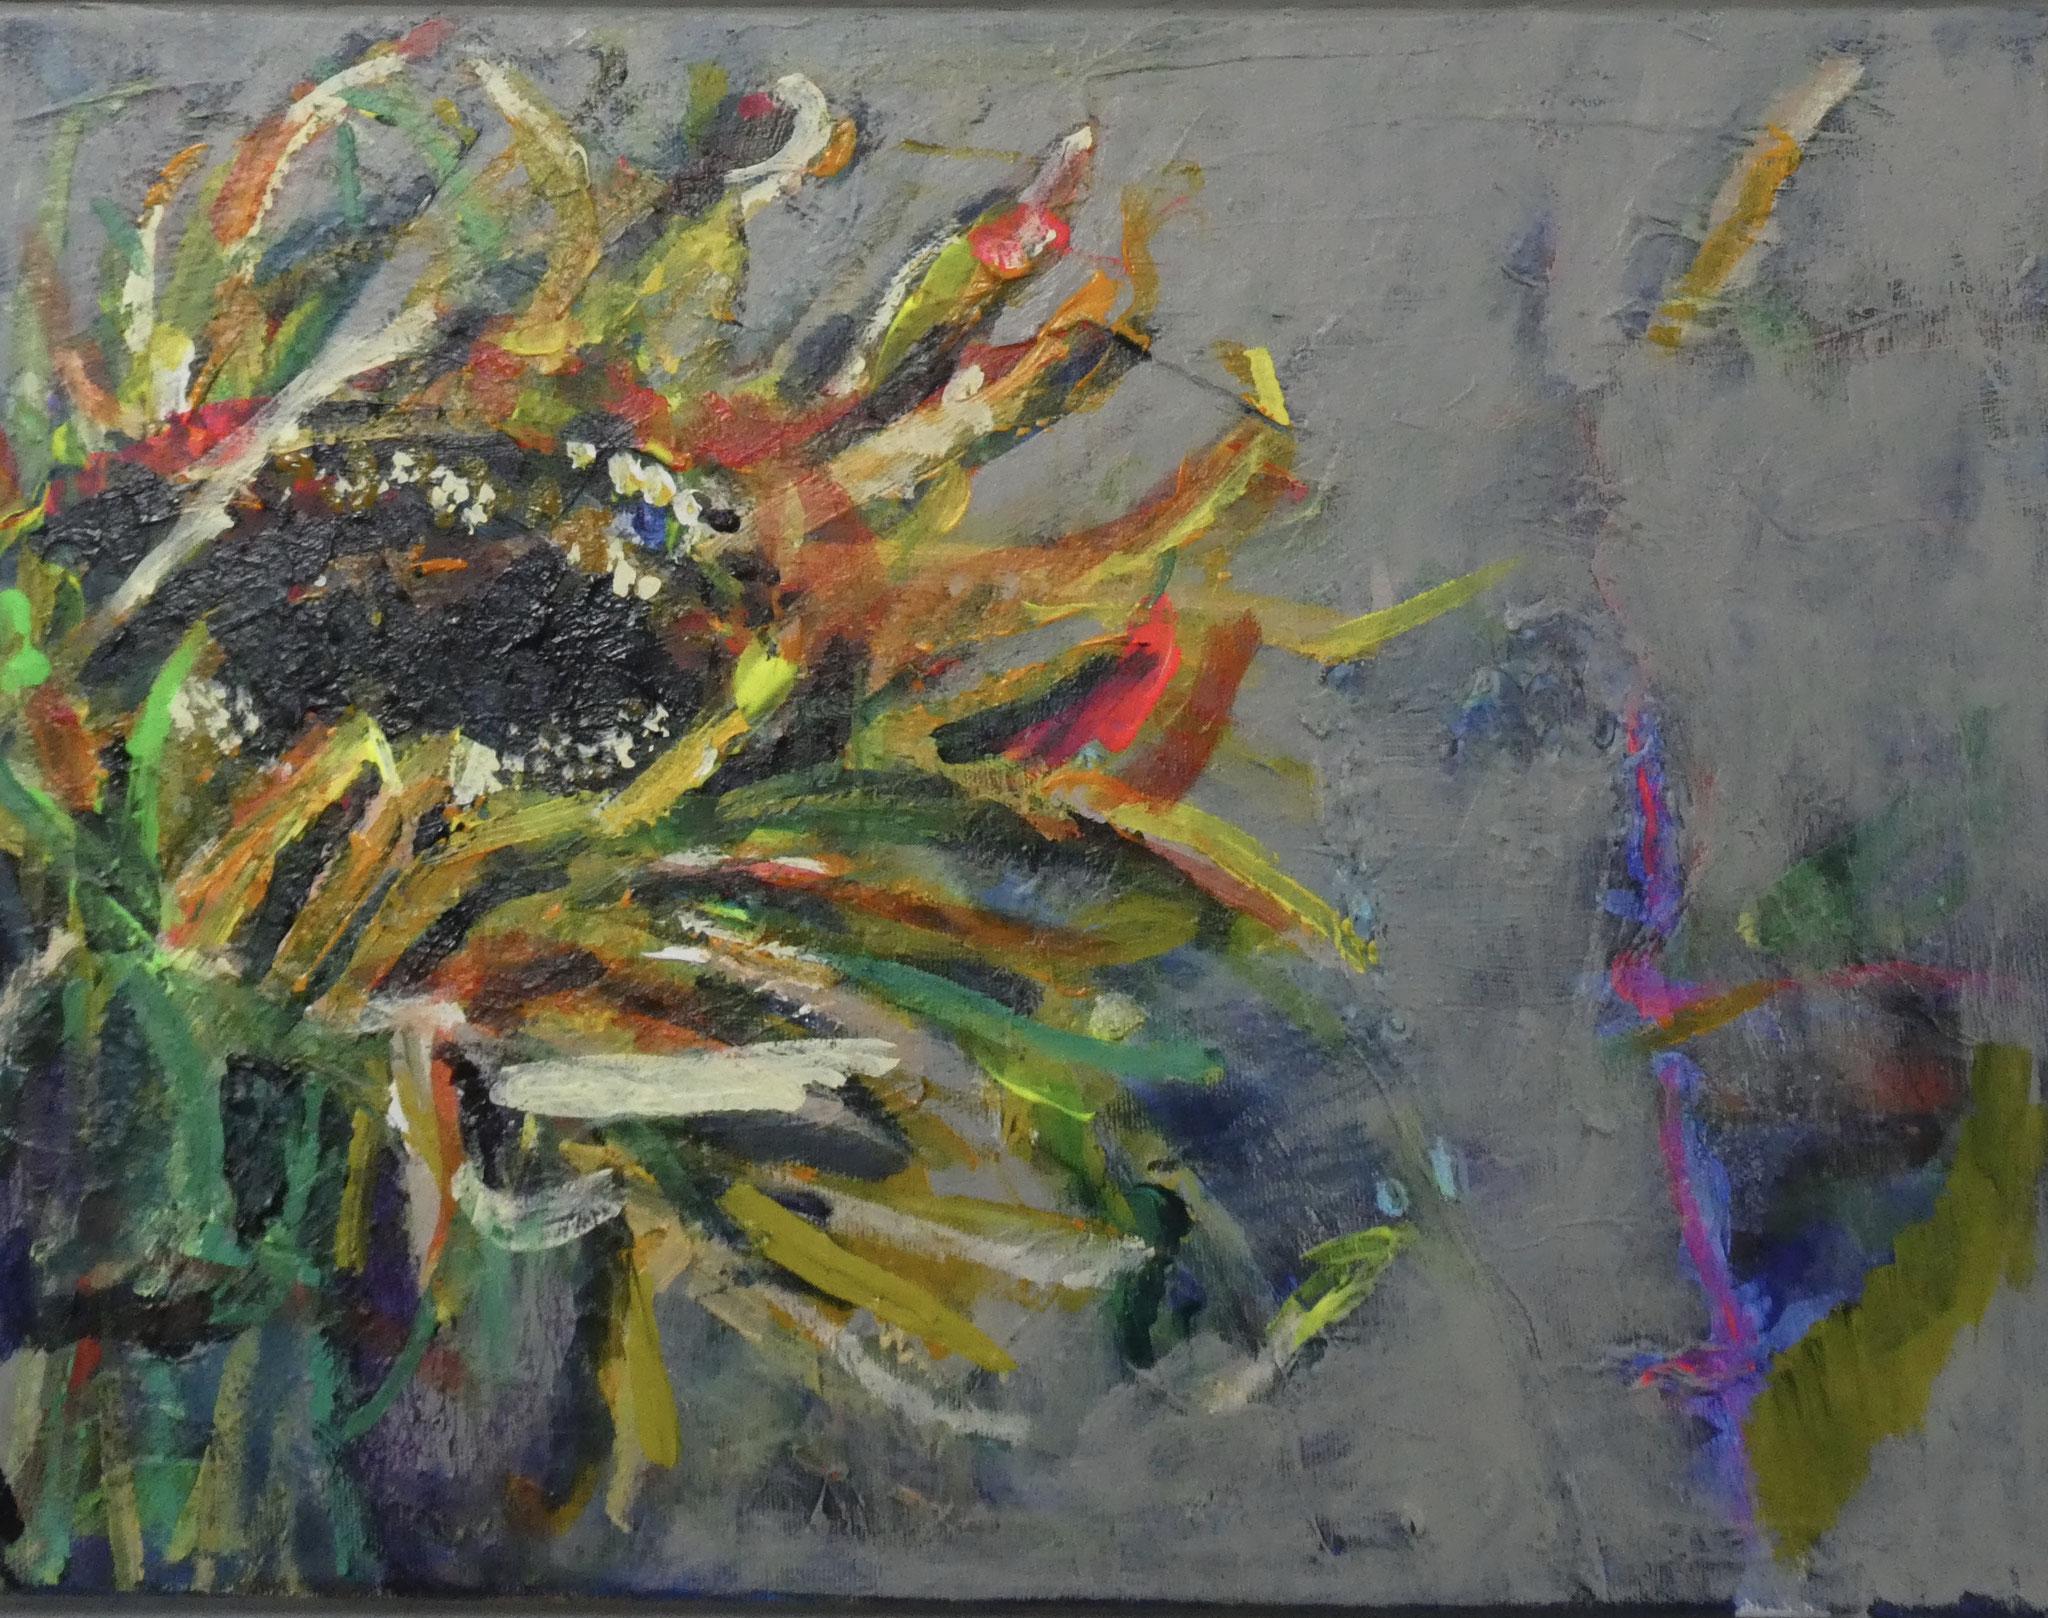 Sonnenblume 6,  30x40,  acrylic on canvas